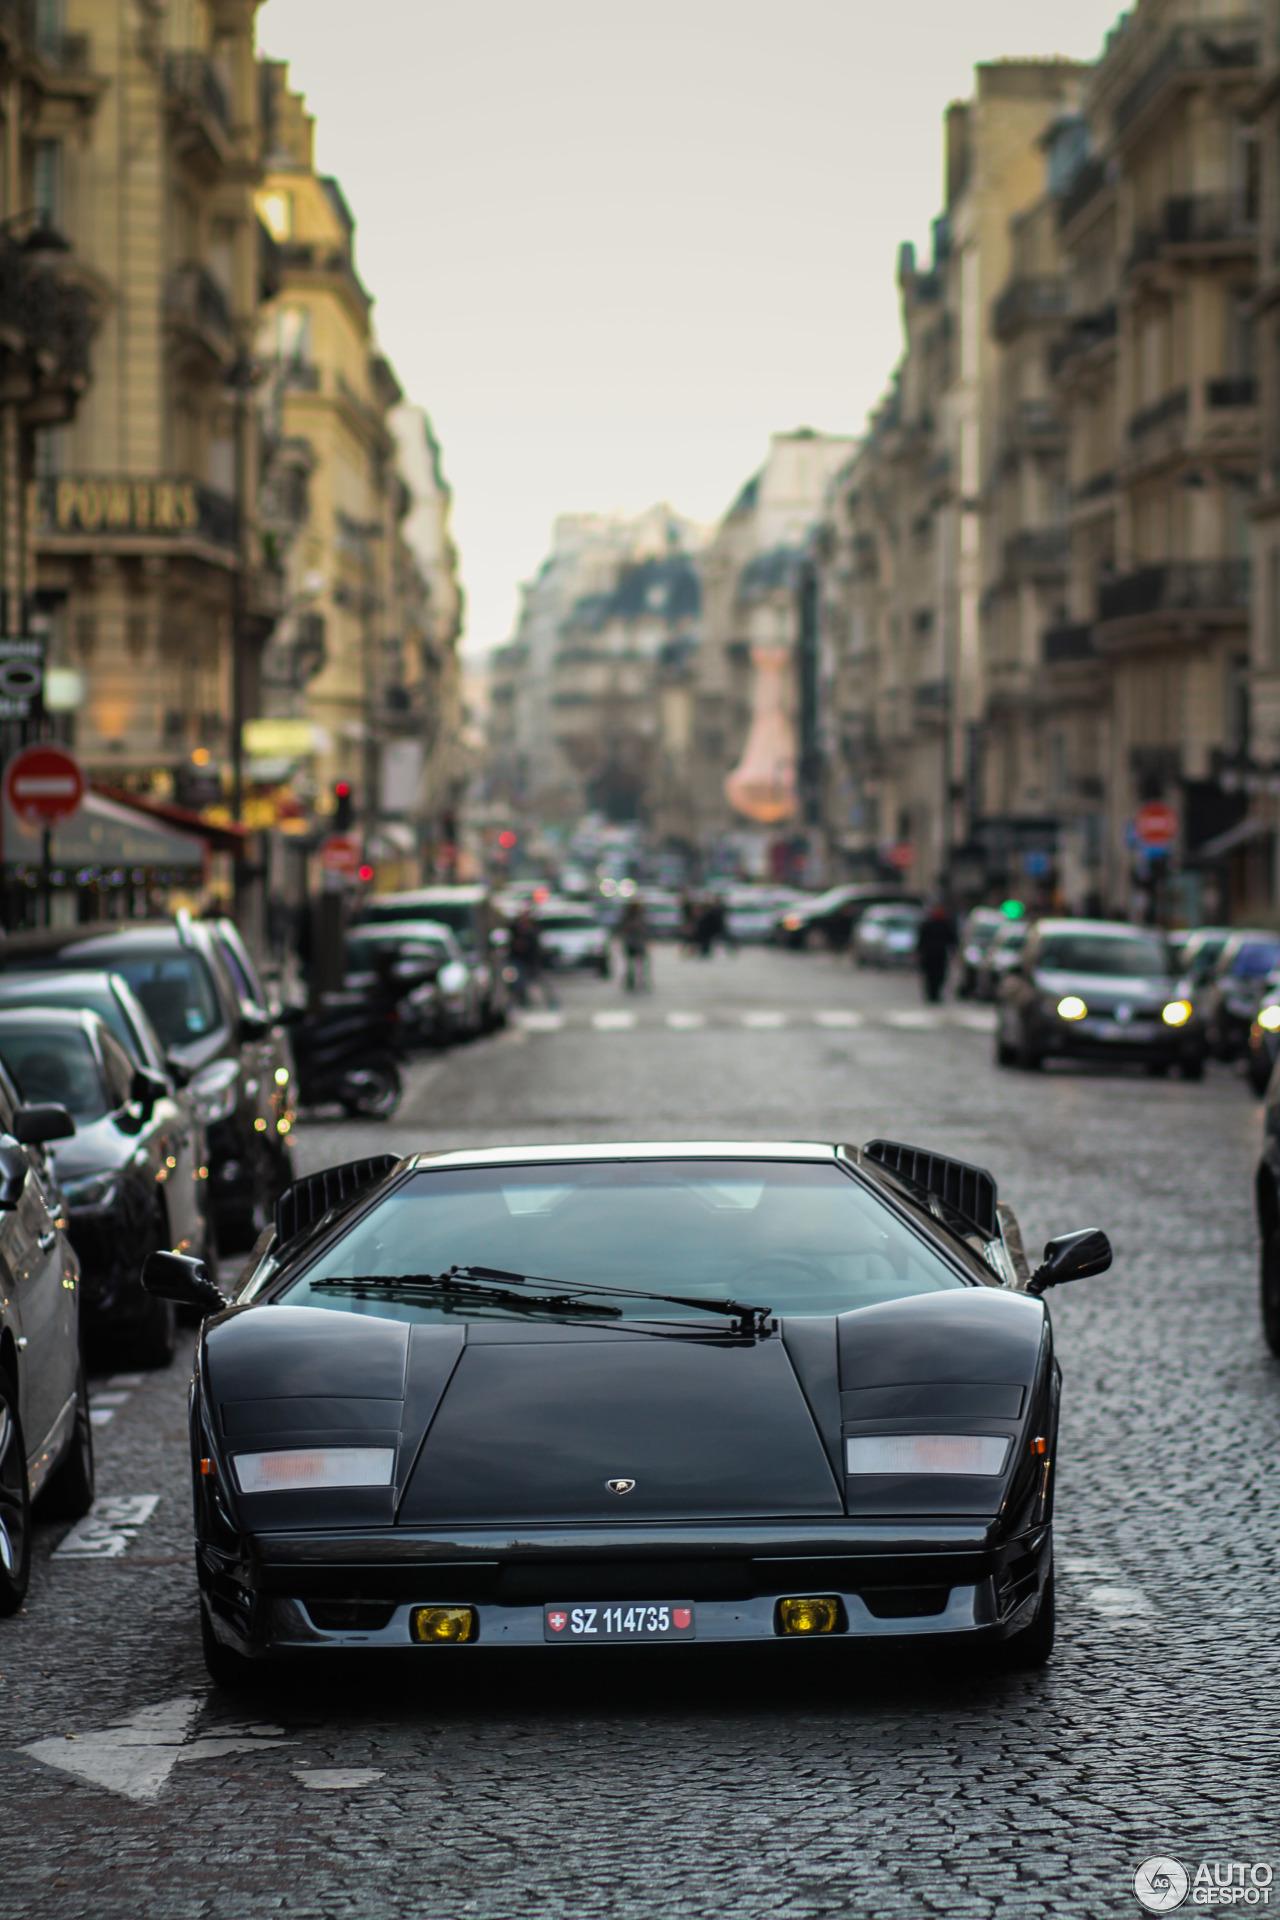 Lamborghini Countach 25th Anniversary 29 November 2014